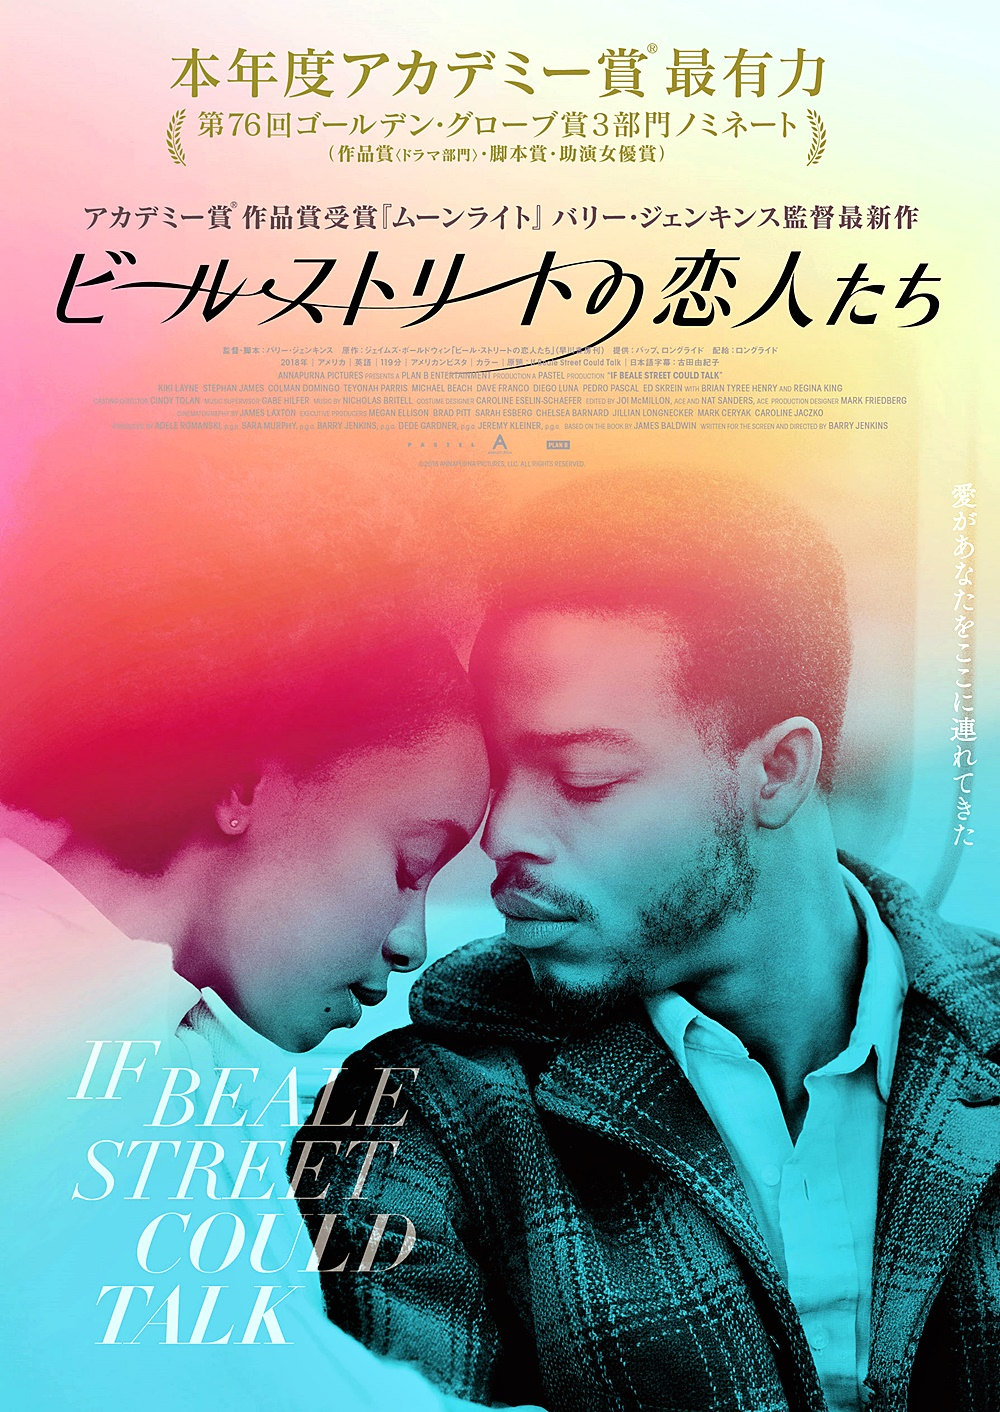 【画像】映画『ビール・ストリートの恋人たち』ポスタービジュアル